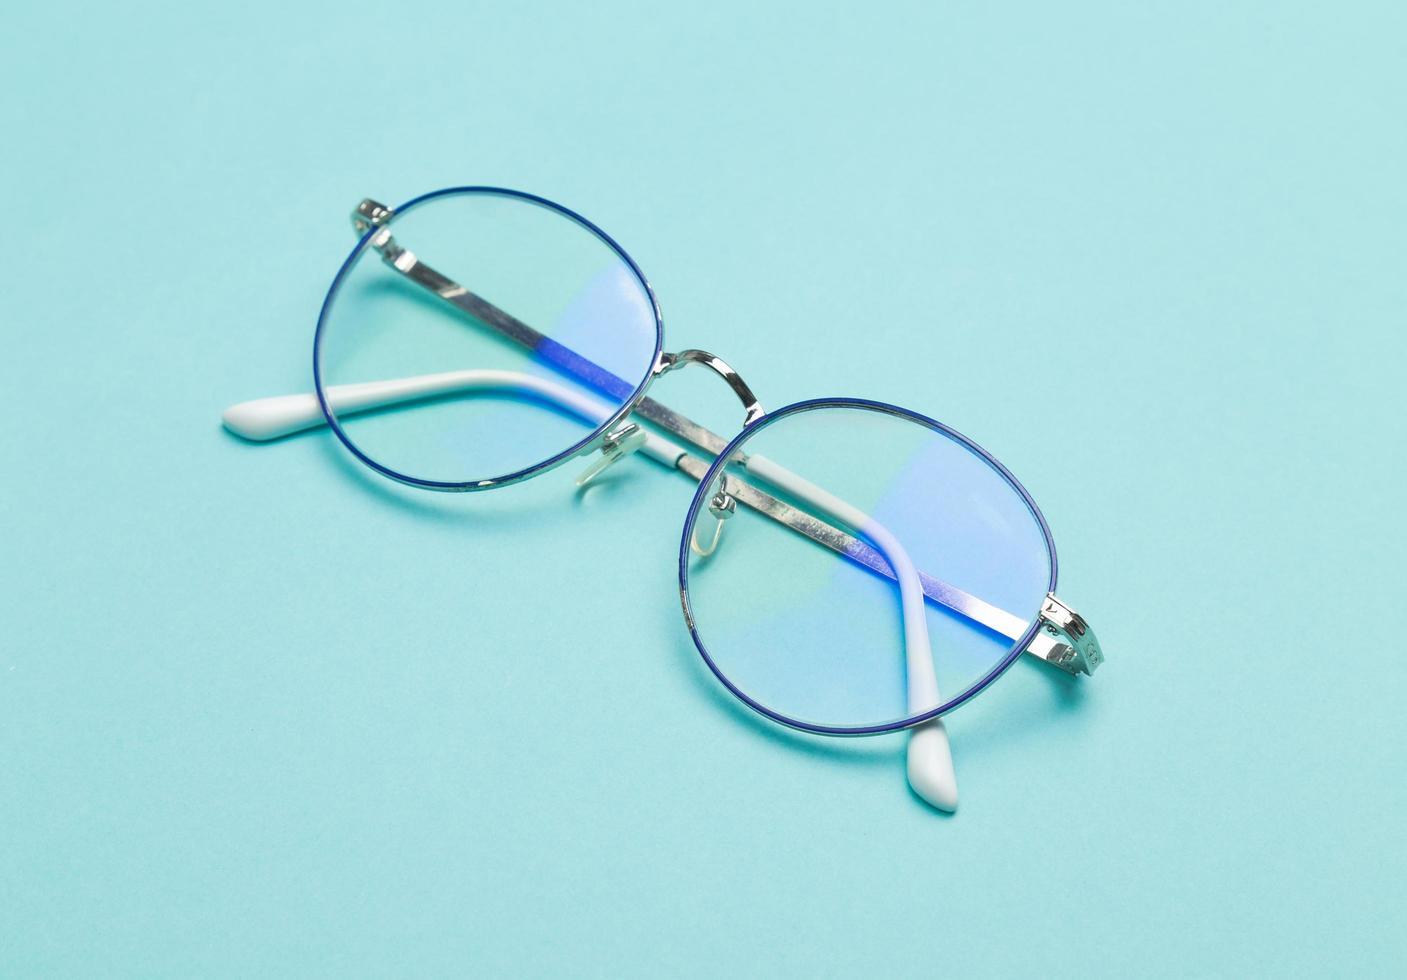 Eyeglasses on blue background  photo